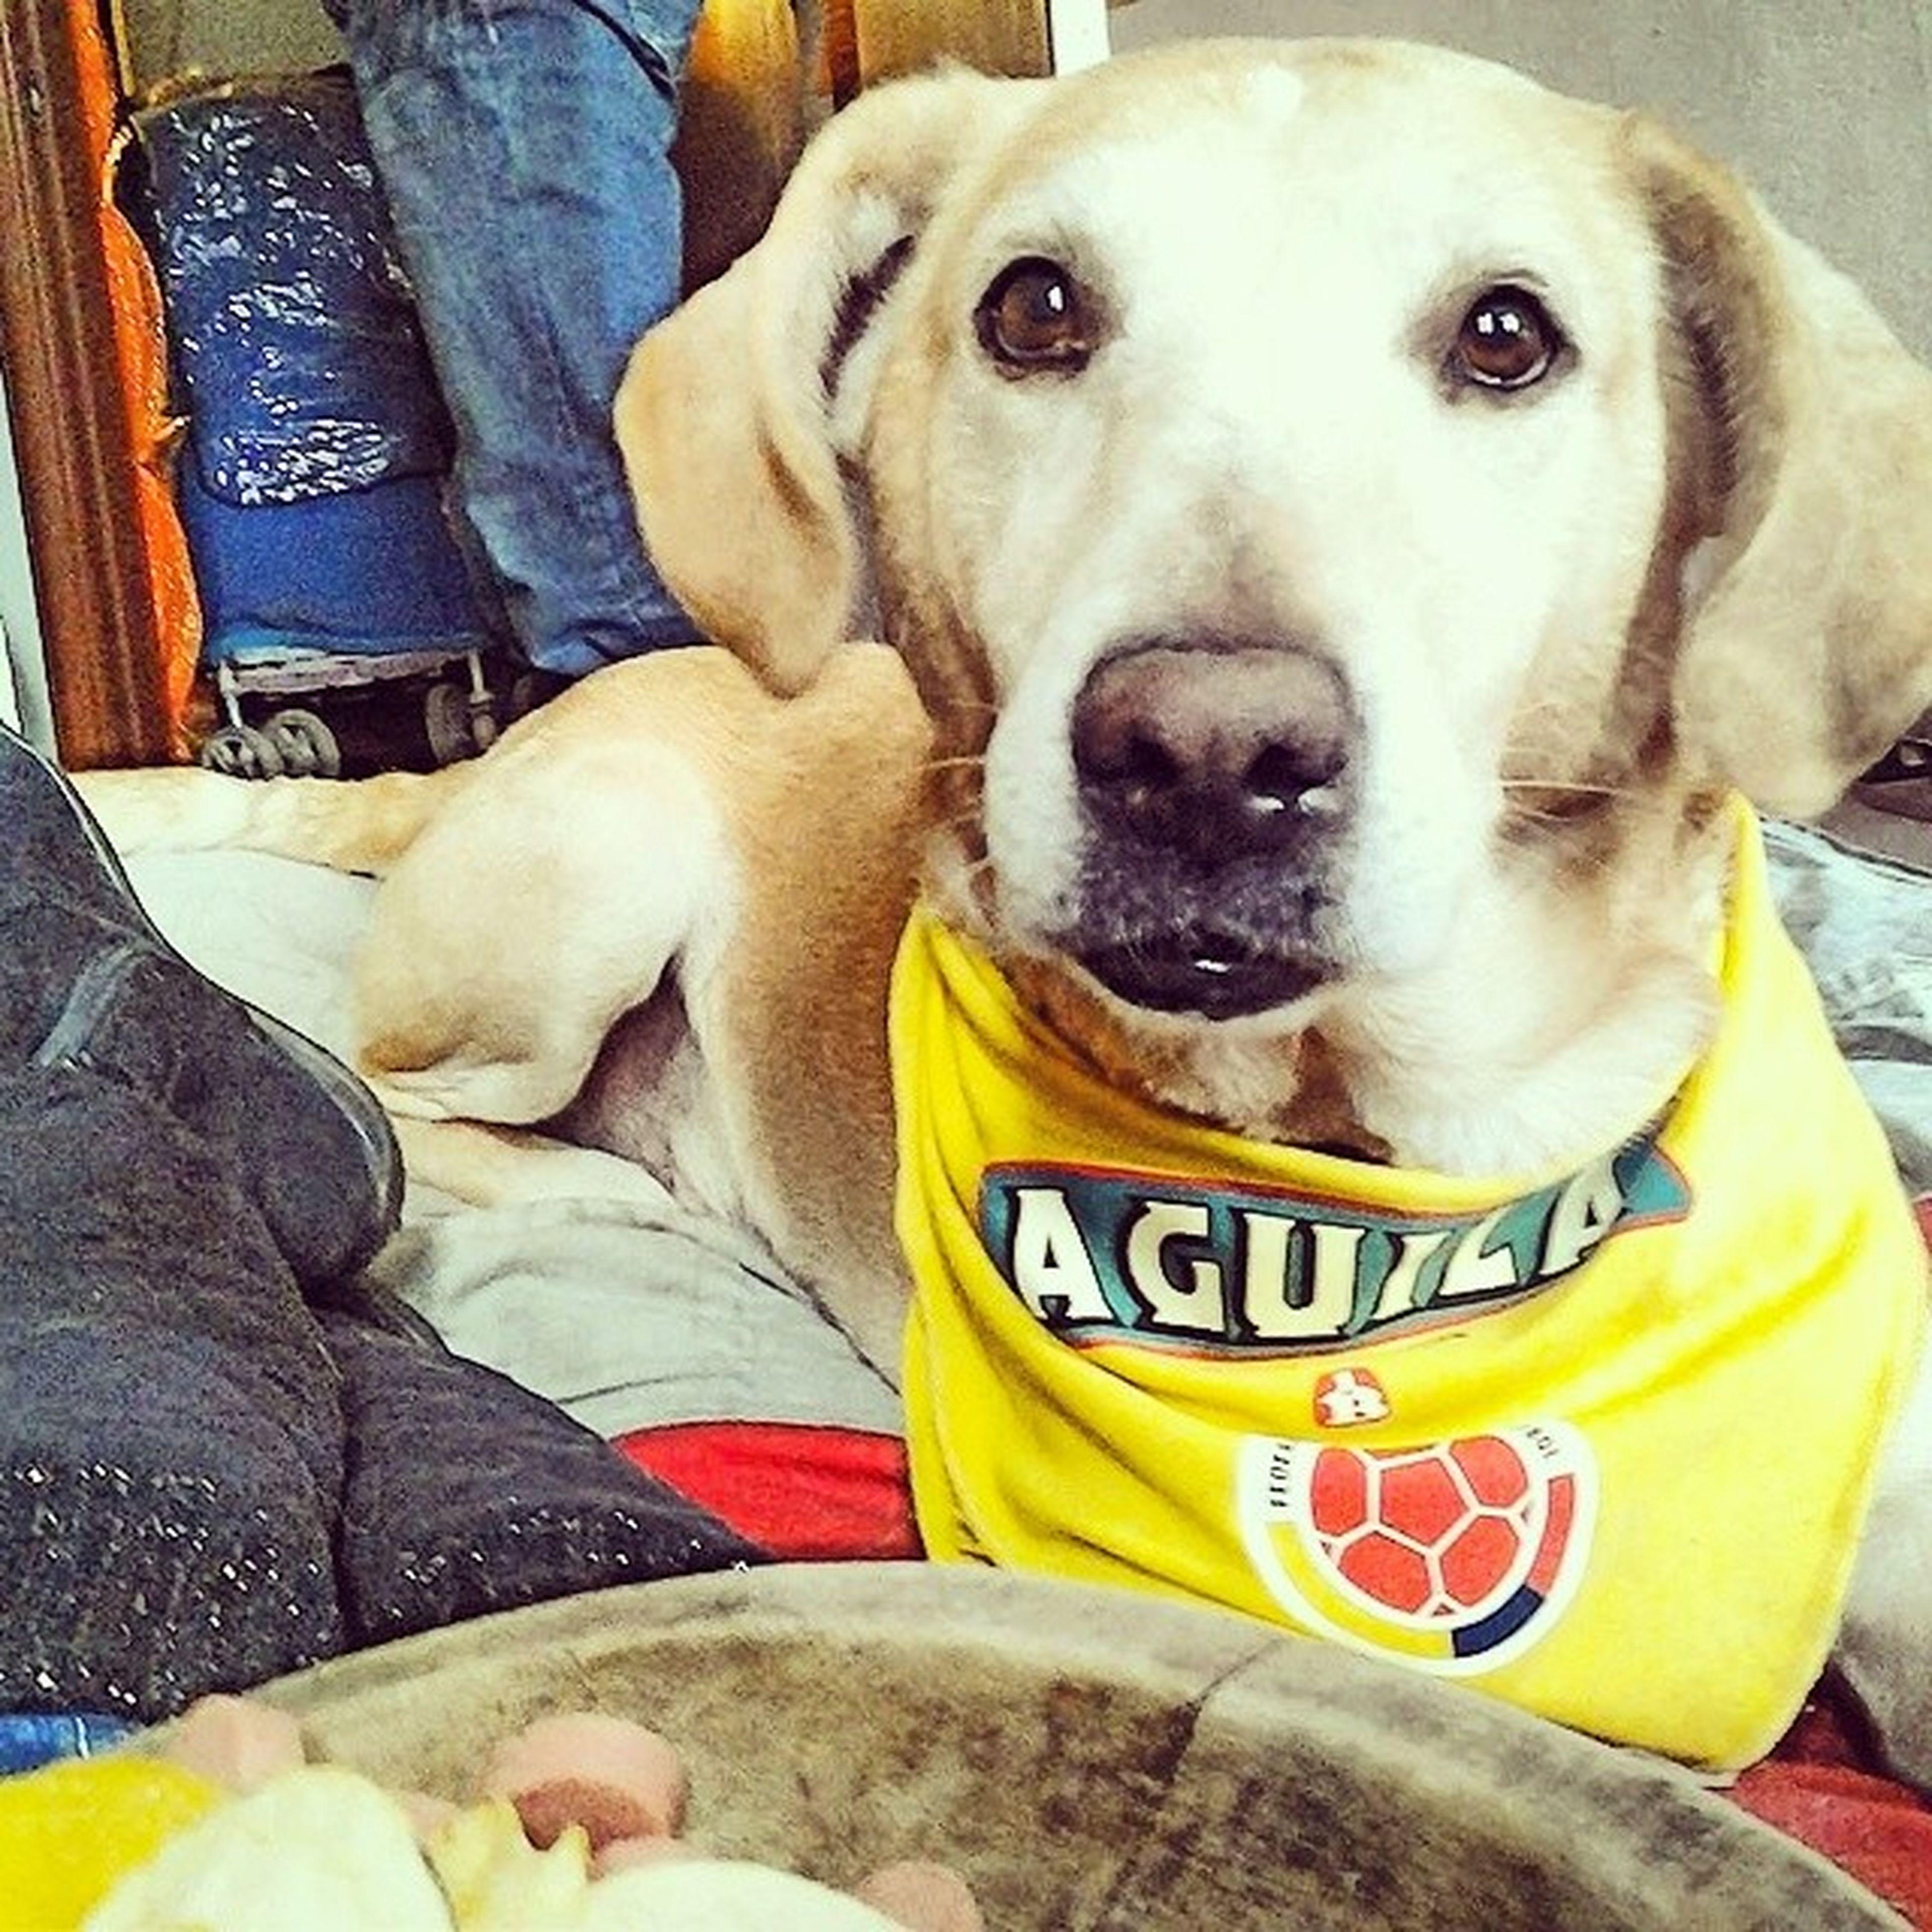 Mydog Mimascot Colombia Celebrando ILove Aguila Live Yellow Likegram Mi hijo que siempre esta apoyando 8años de vida